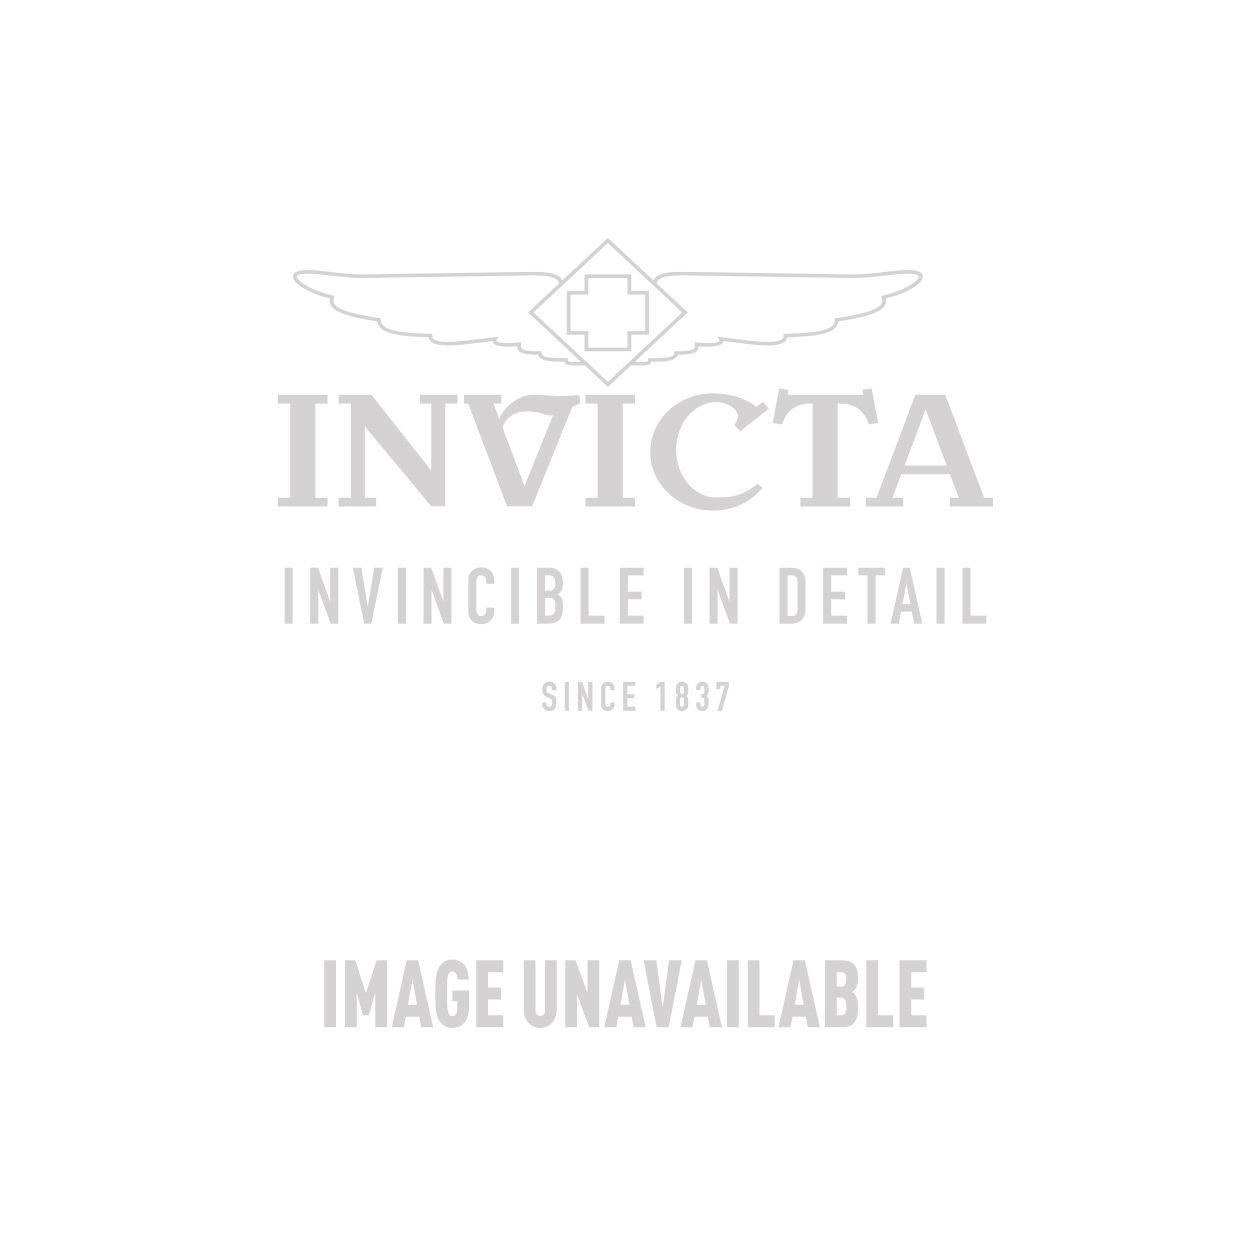 Invicta Model 23889